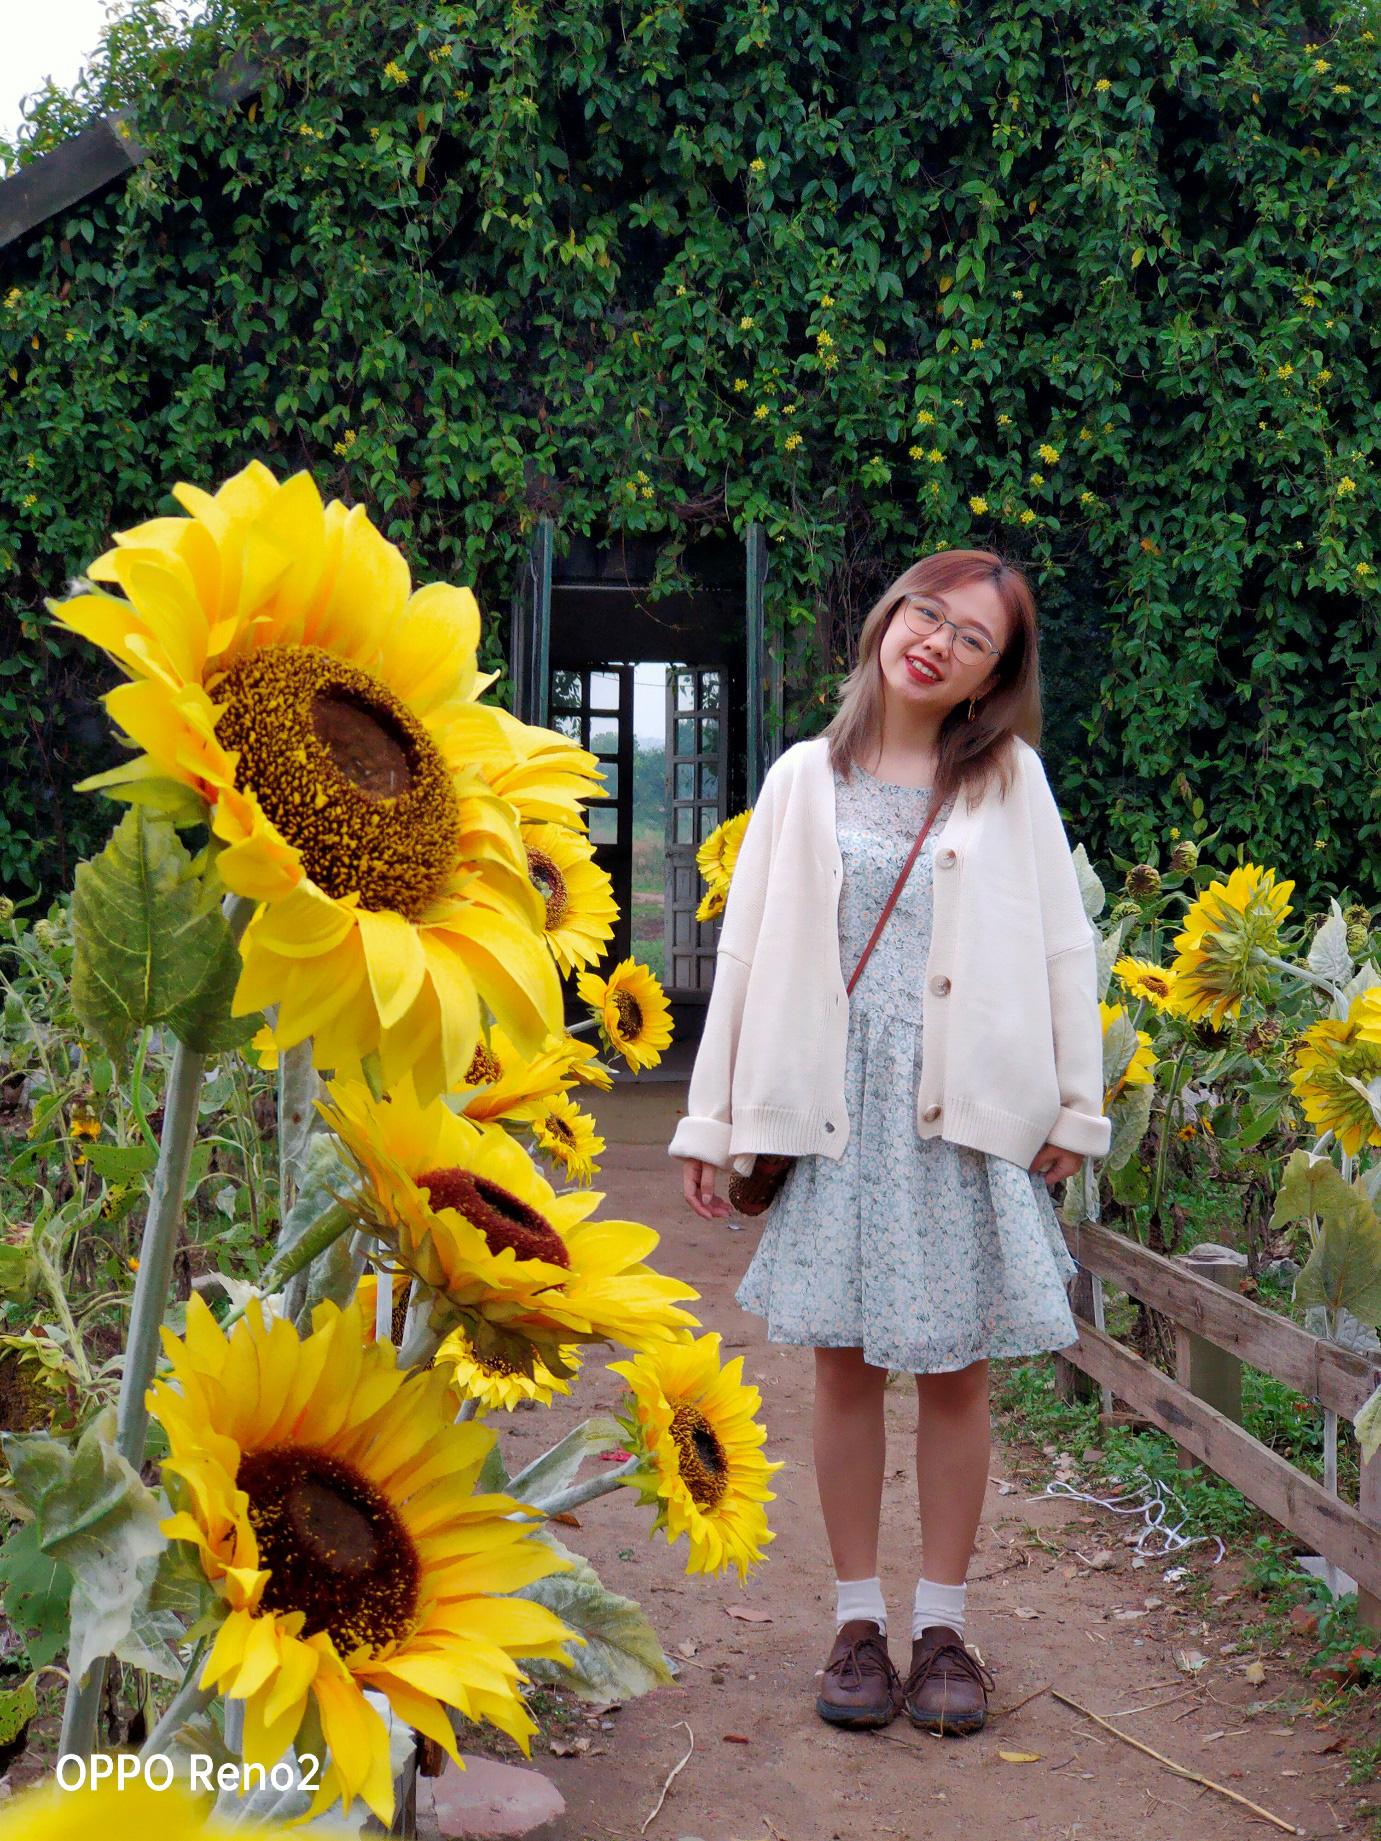 Đi Nhật, Hàn làm gì cho xa khi ở Hà Nội cũng có cảnh lá vàng đẹp đến nao lòng - Ảnh 5.